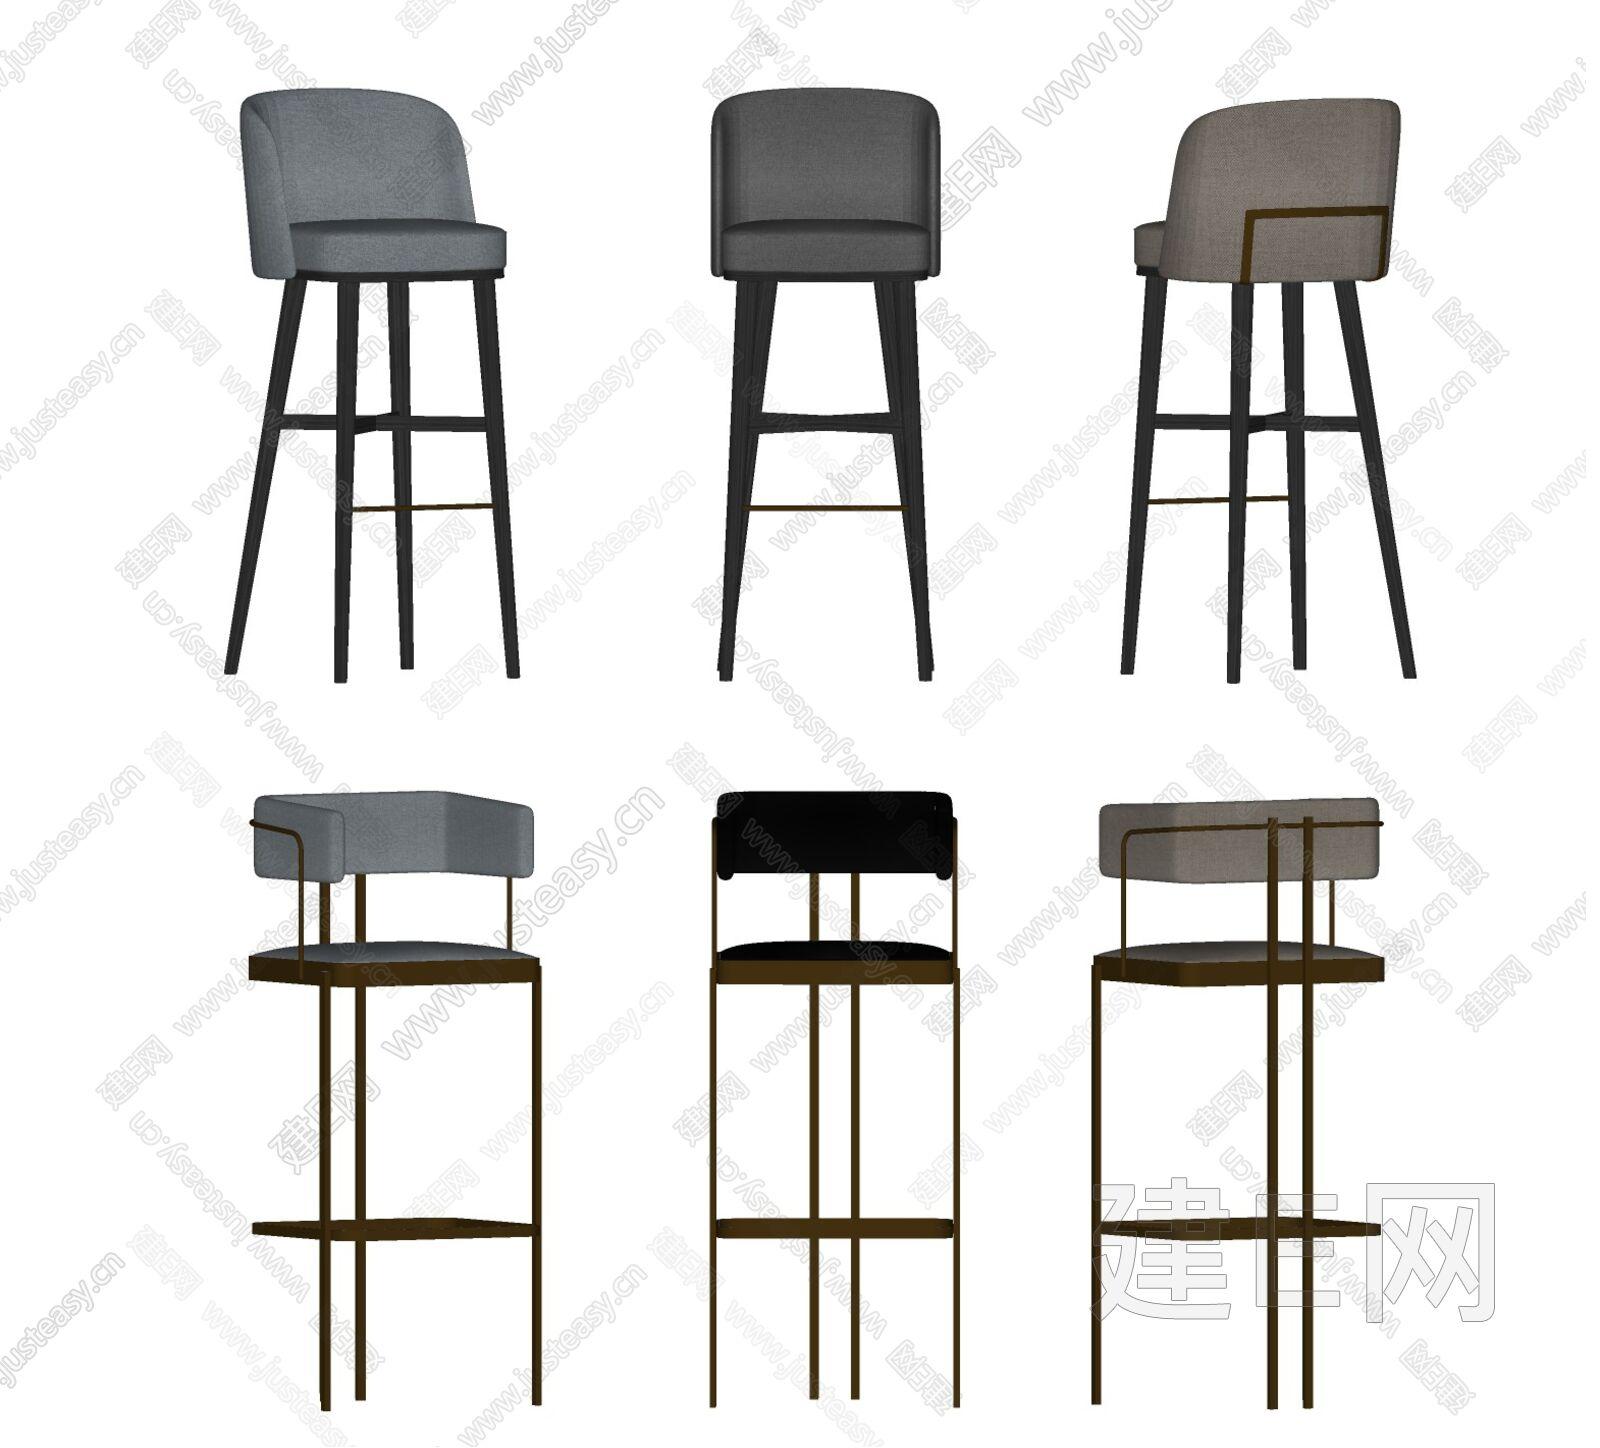 现代轻奢吧椅组合sketchup模型